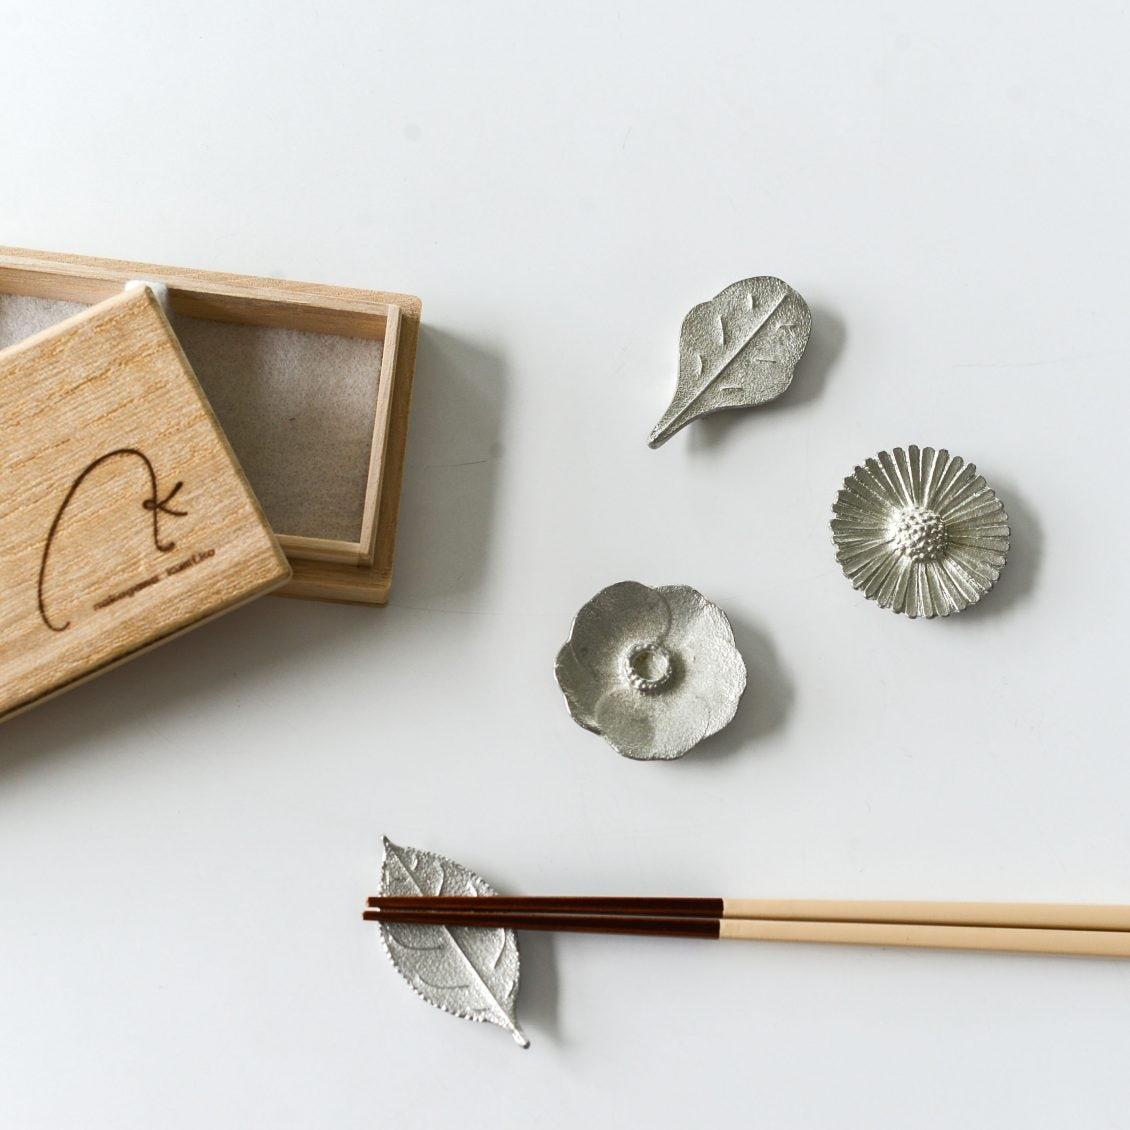 【新商品】まるでパッと花が咲いたように食卓が華やぐ、「作家さんの箸置き」が新登場です♪